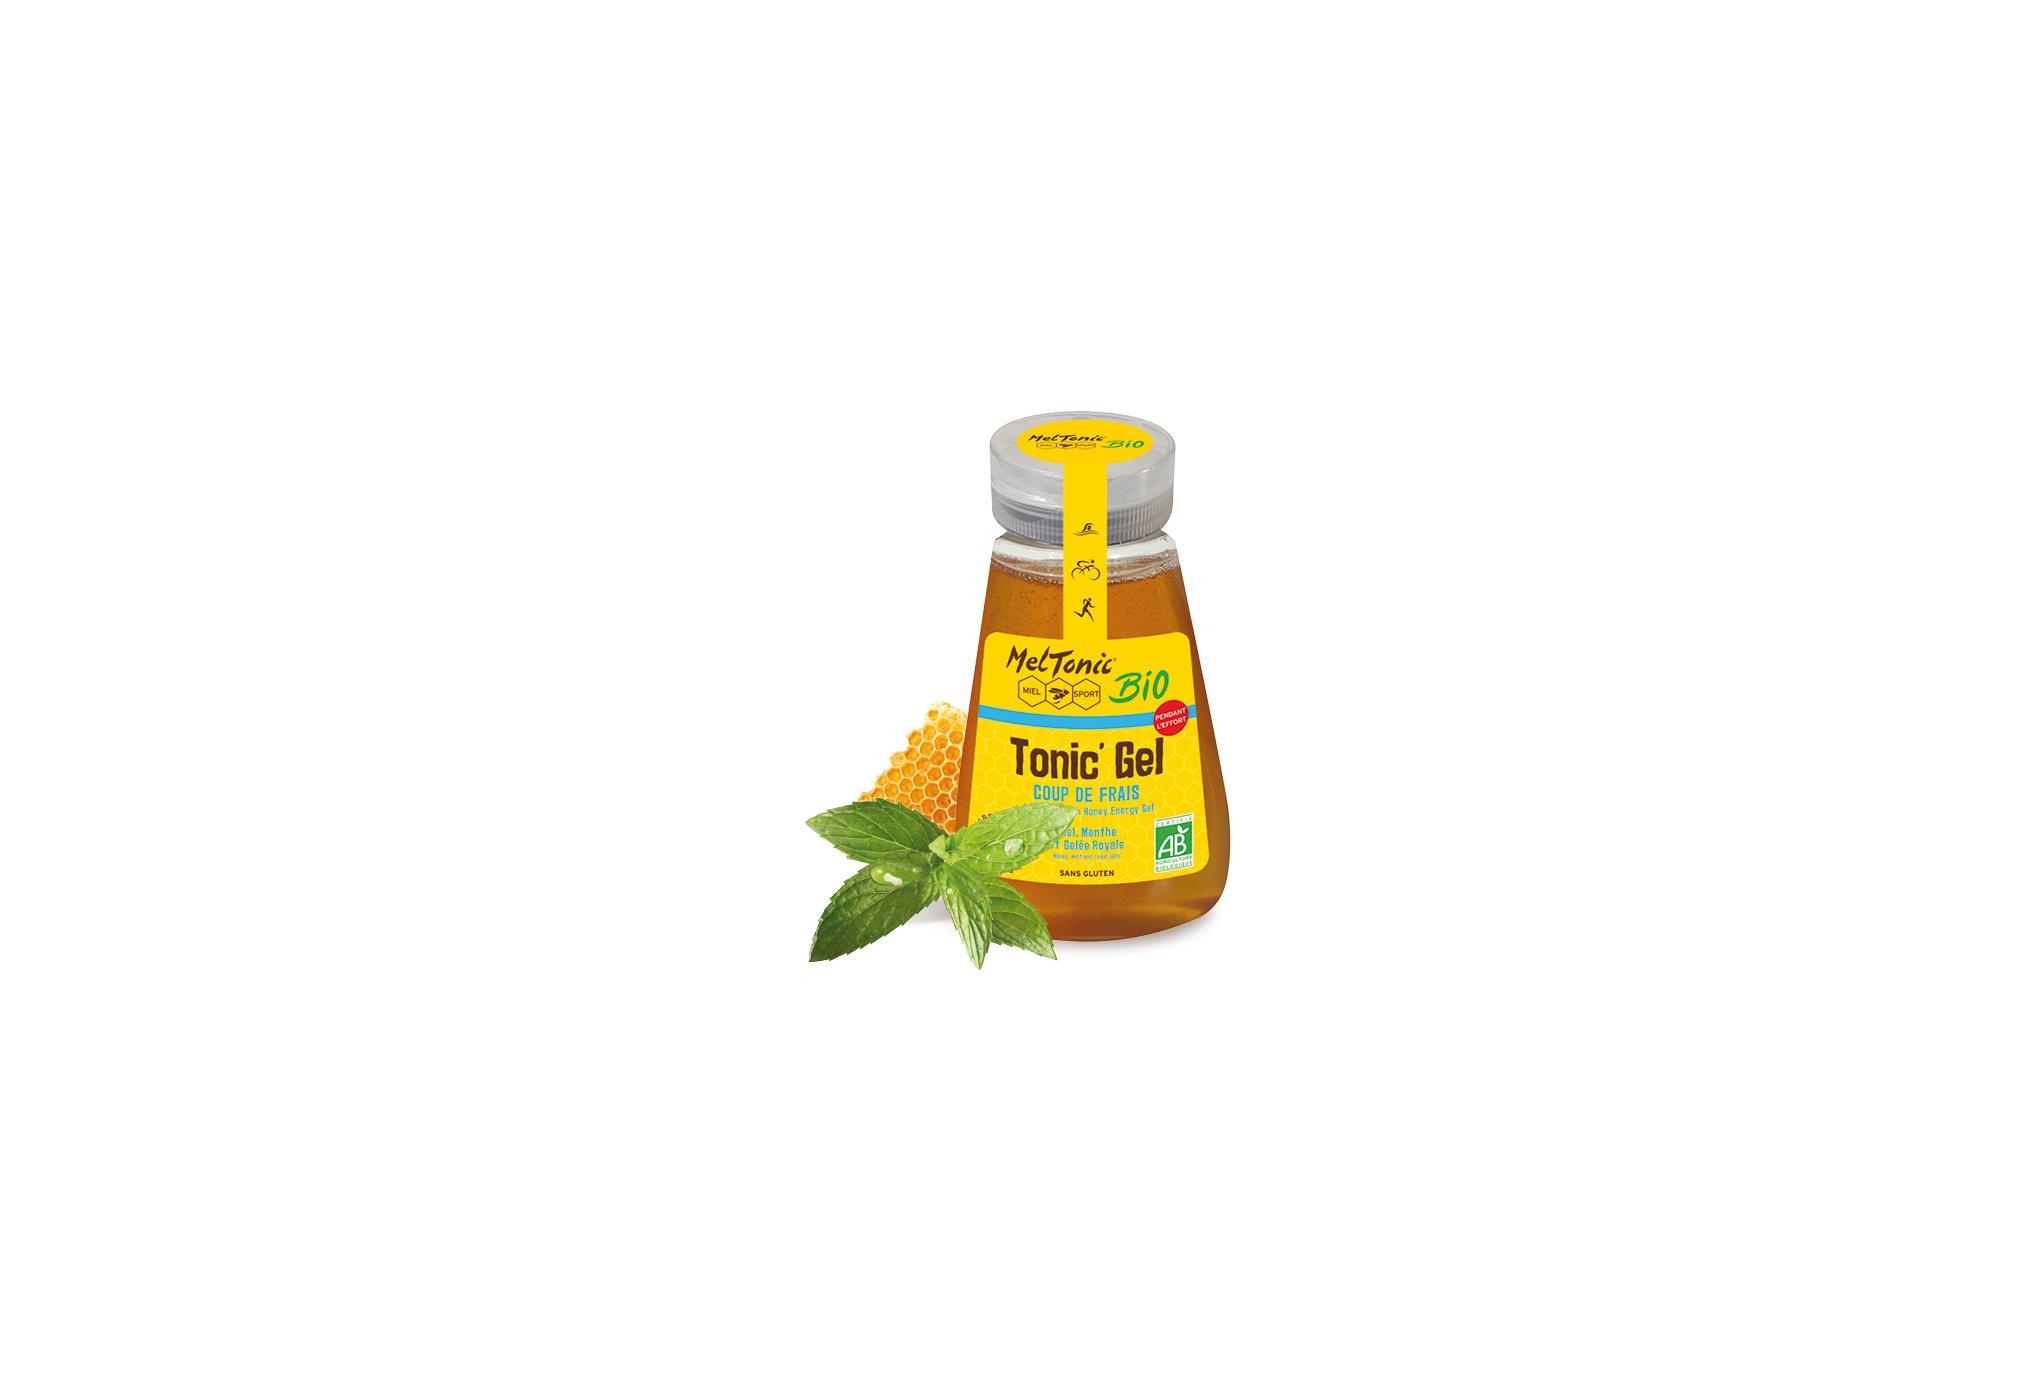 MelTonic Recharge Eco Tonic'Gel Coup de Frais Diététique Gels